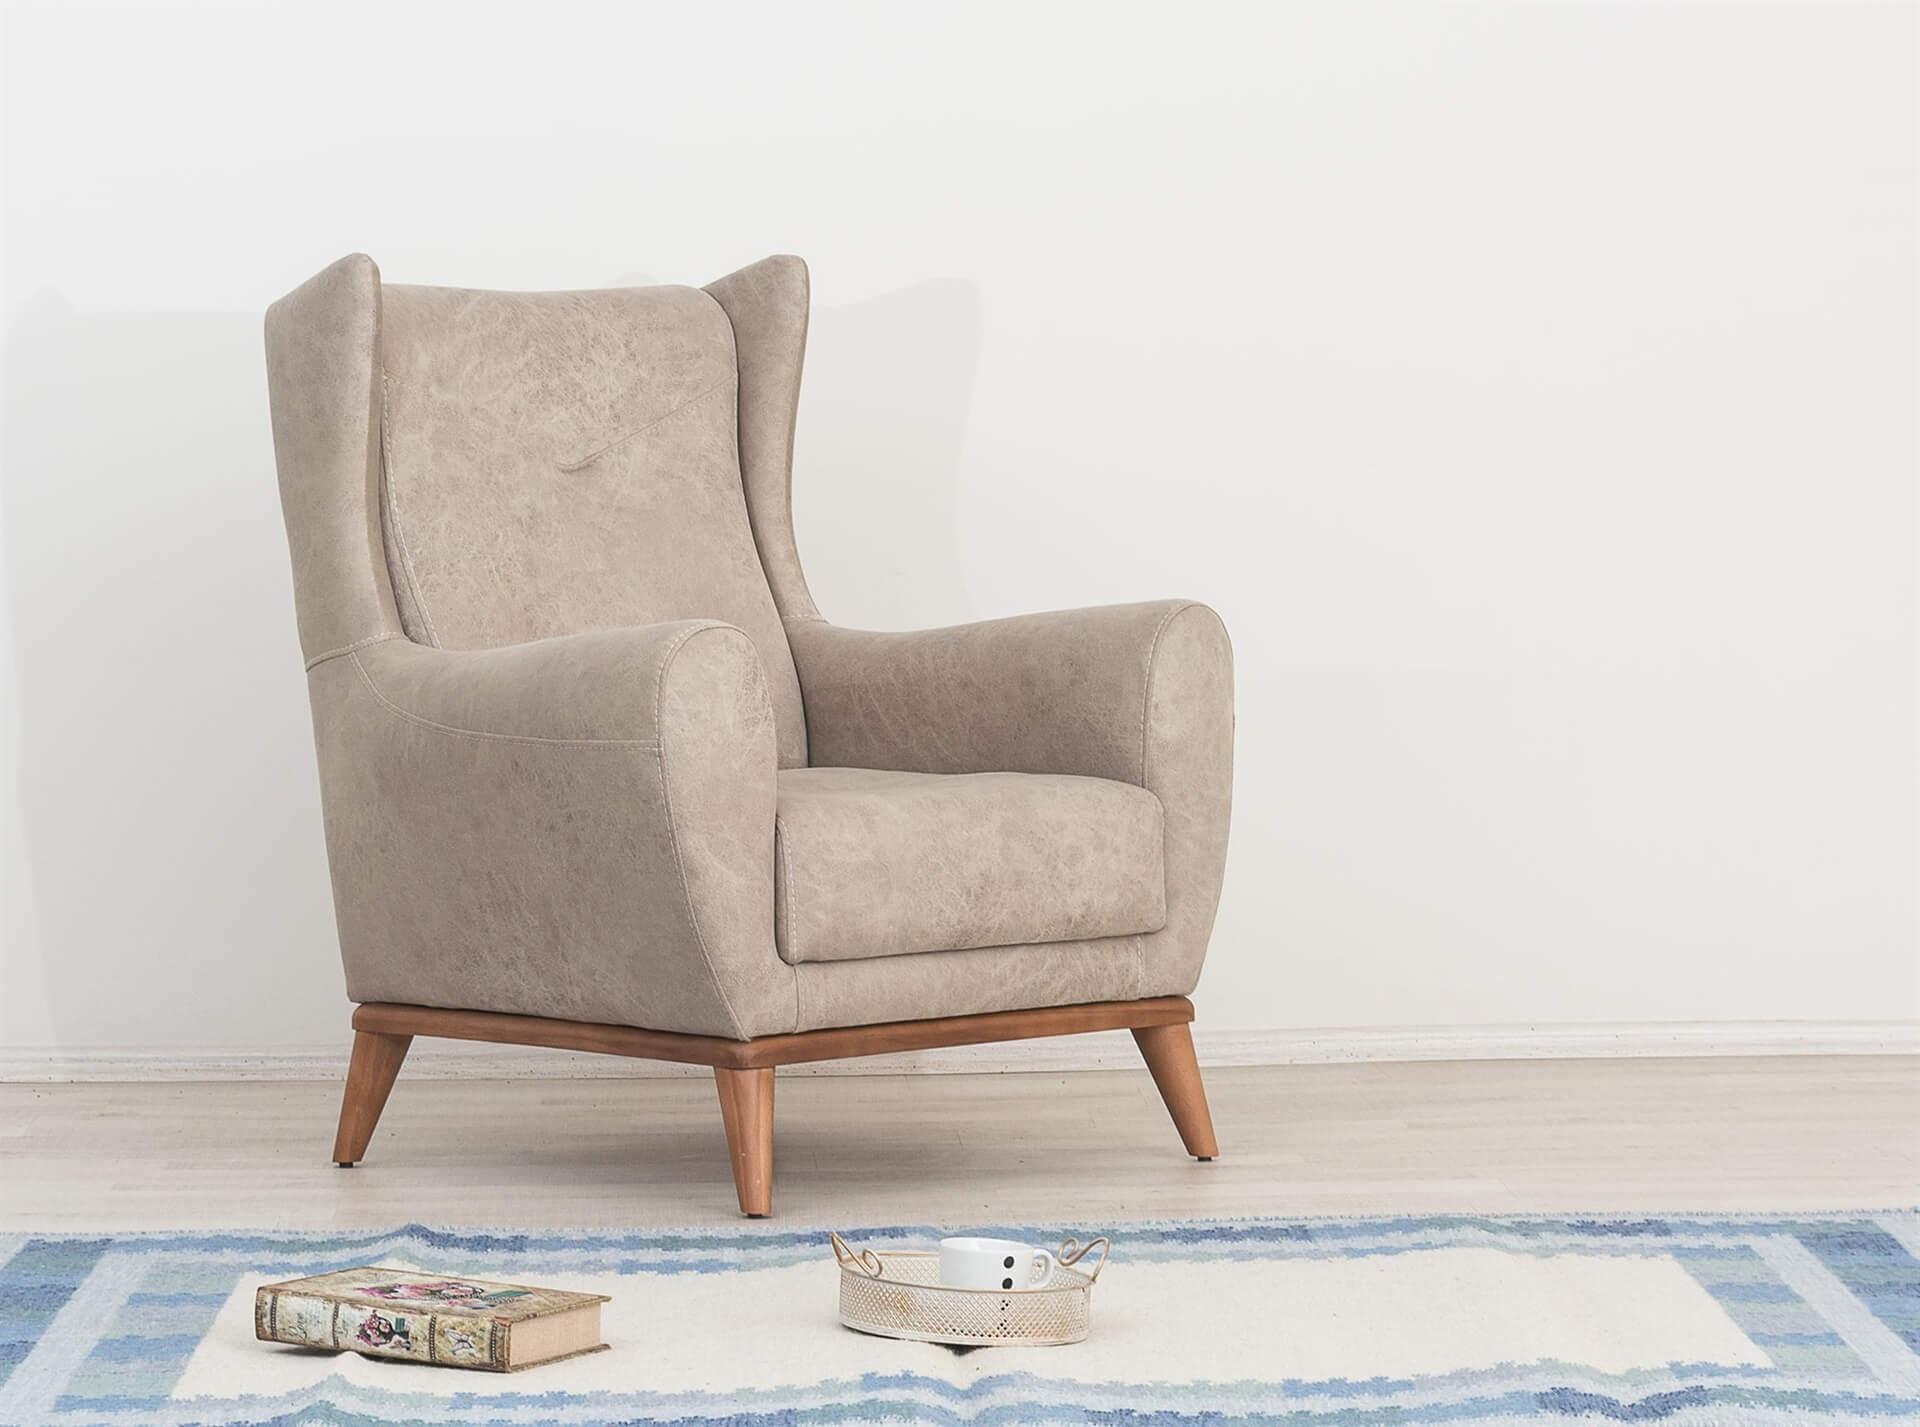 כורסא מעוצבת דגם פירמית rb